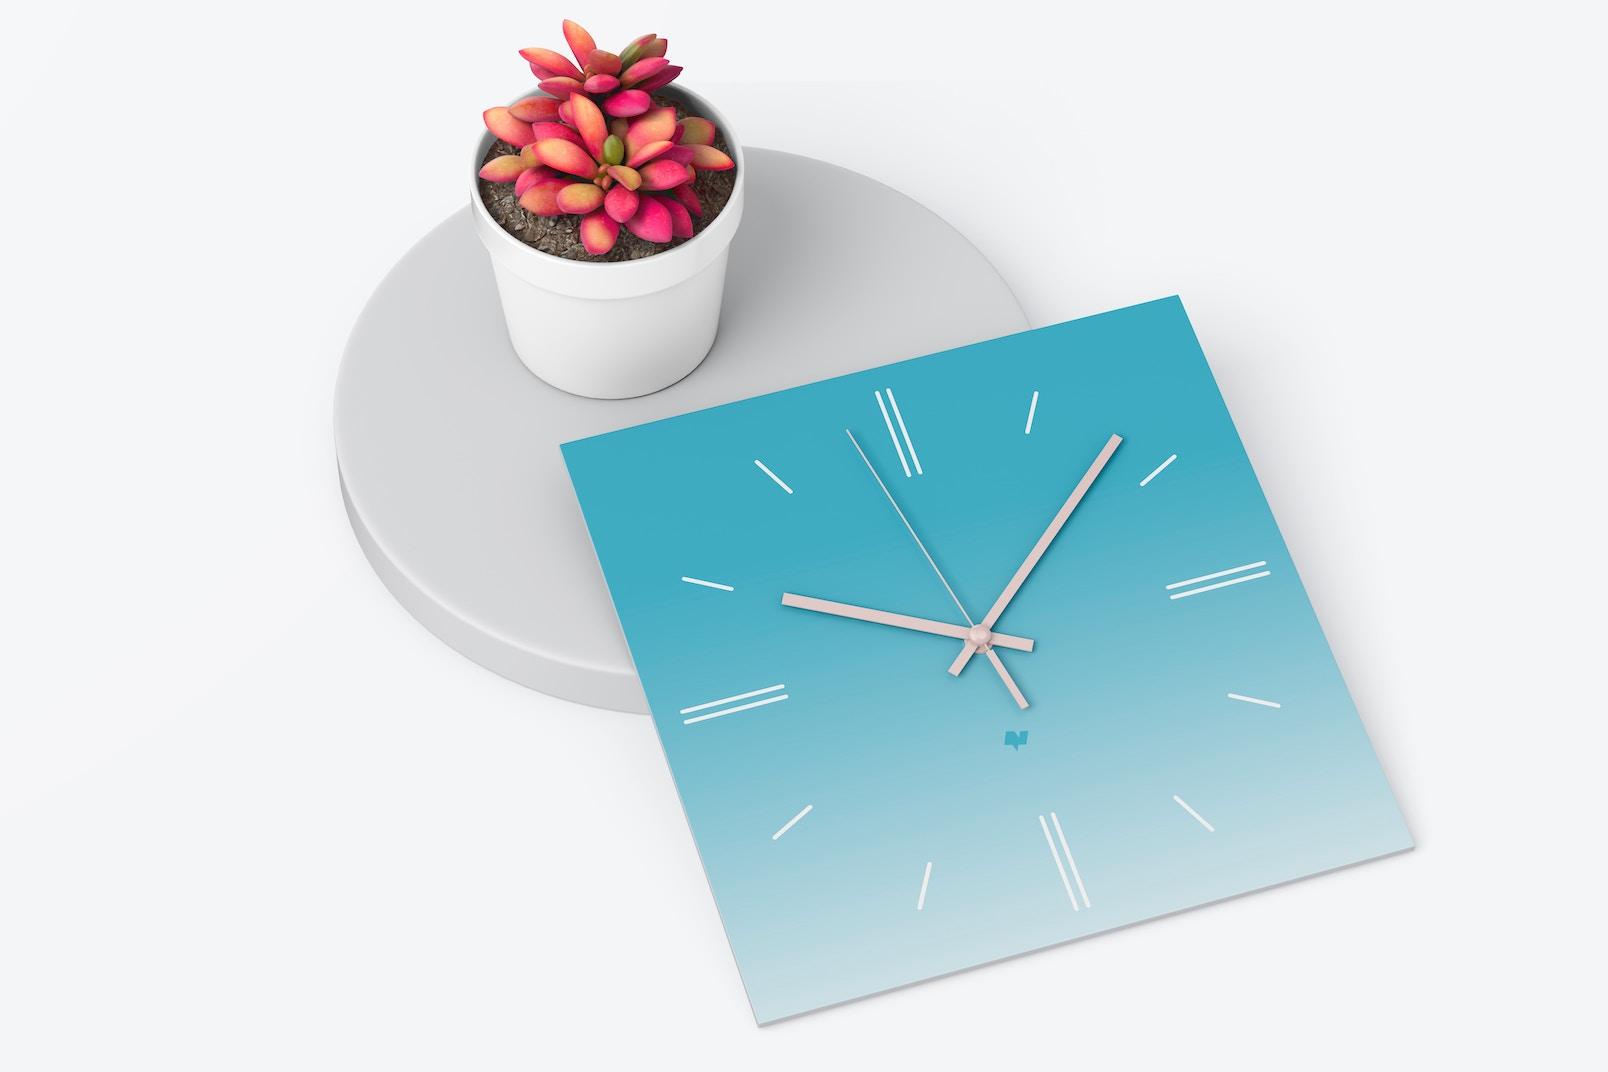 Square Wall Clock Mockup, Top View